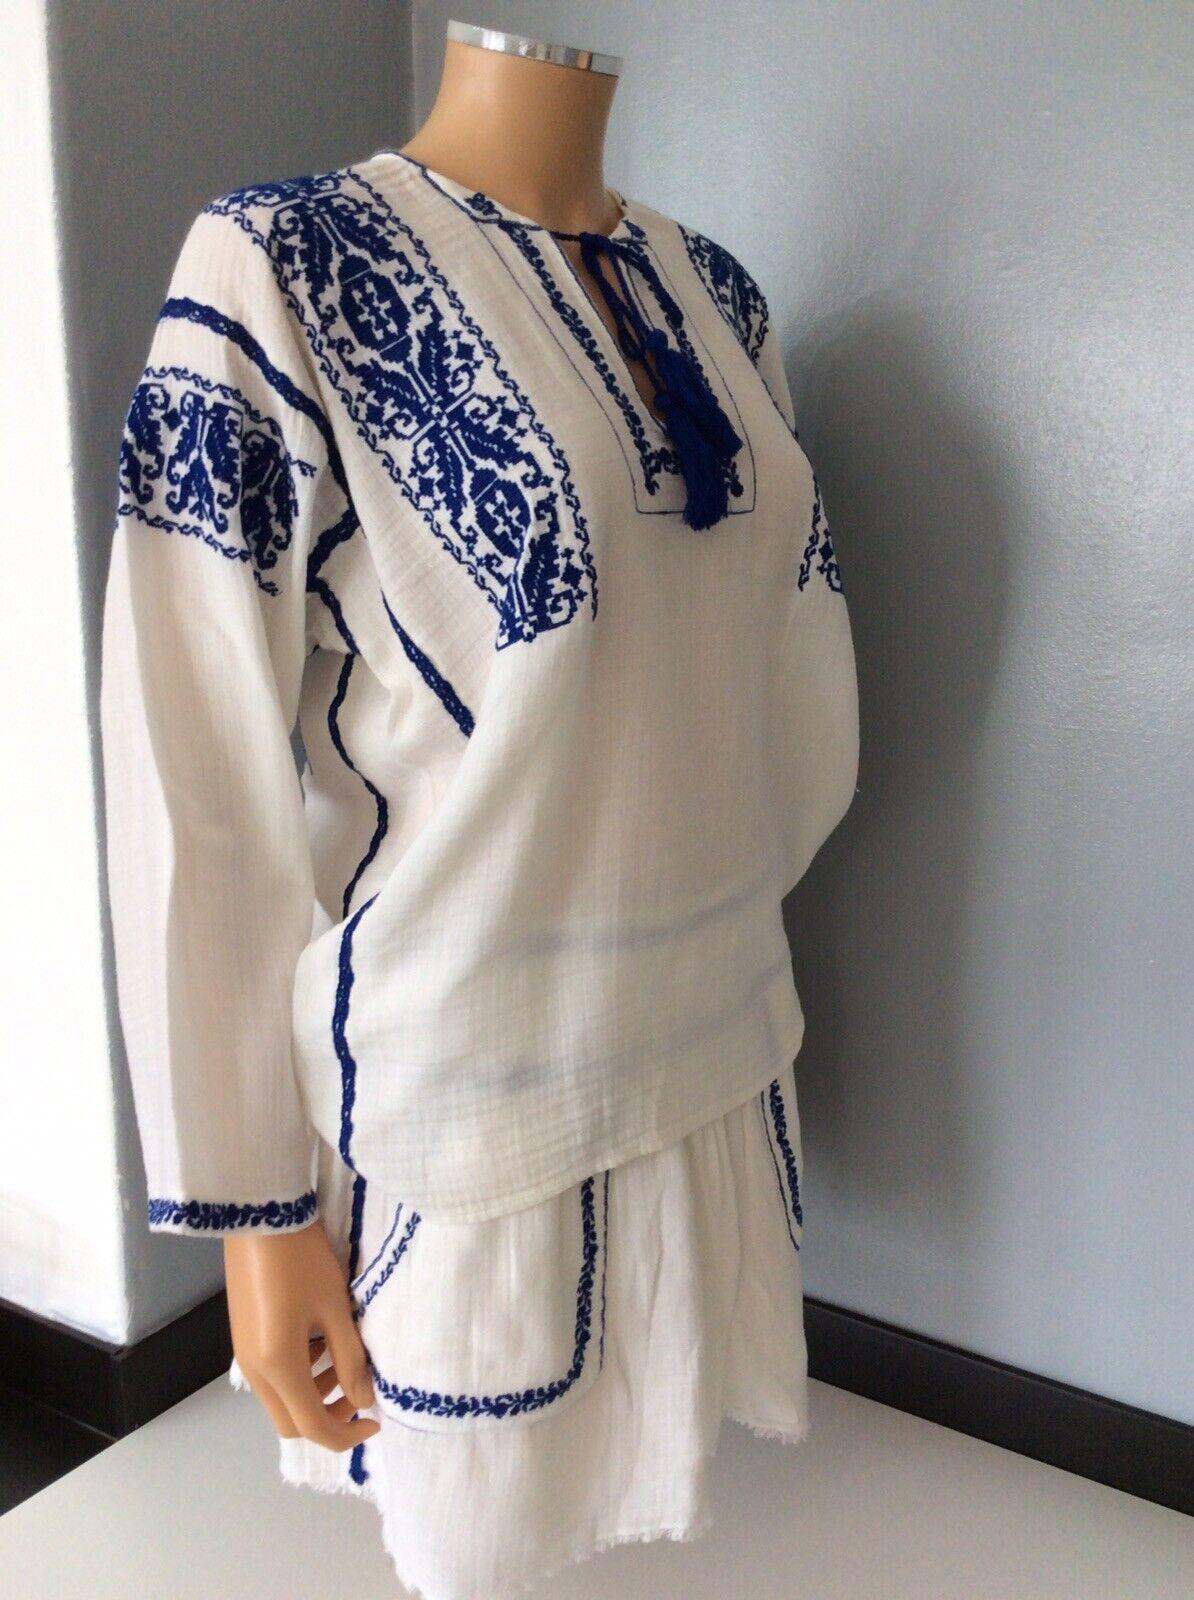 Isabel Marant conjunto Traje Falda & Top Talla  38 Reino Unido 10 Crema y Azul Marino en muy buena condición  venderse como panqueques